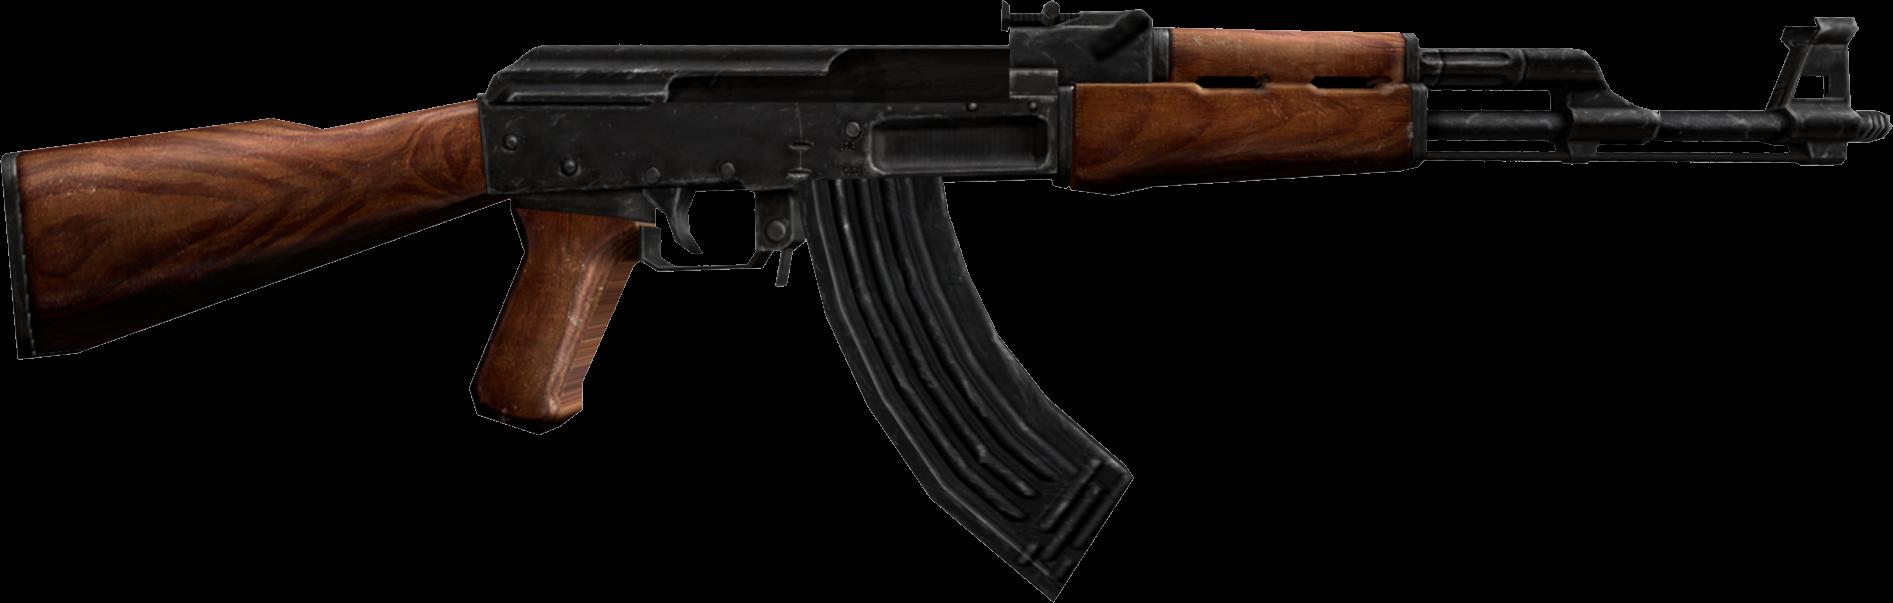 army, gun, ak 47 png